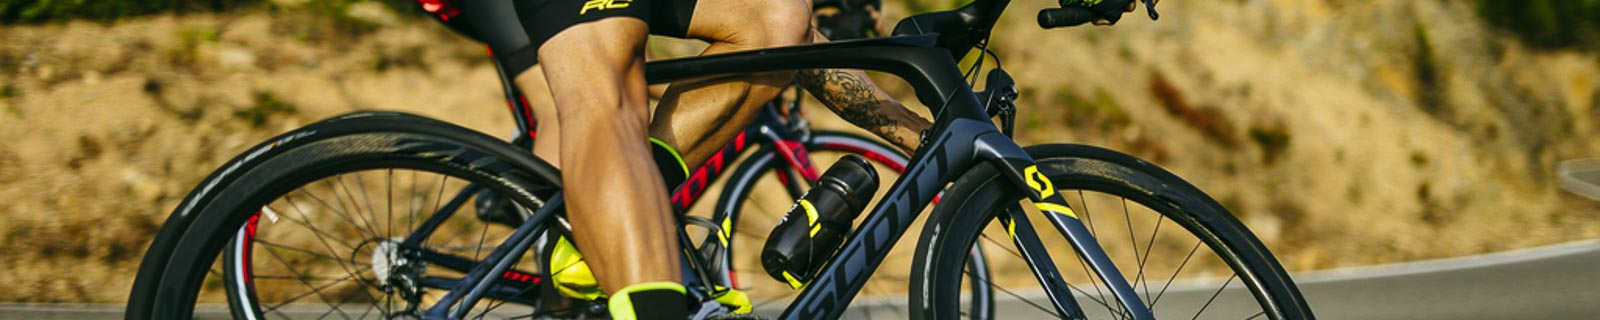 Biciclette da strada di carbonio per Uomini